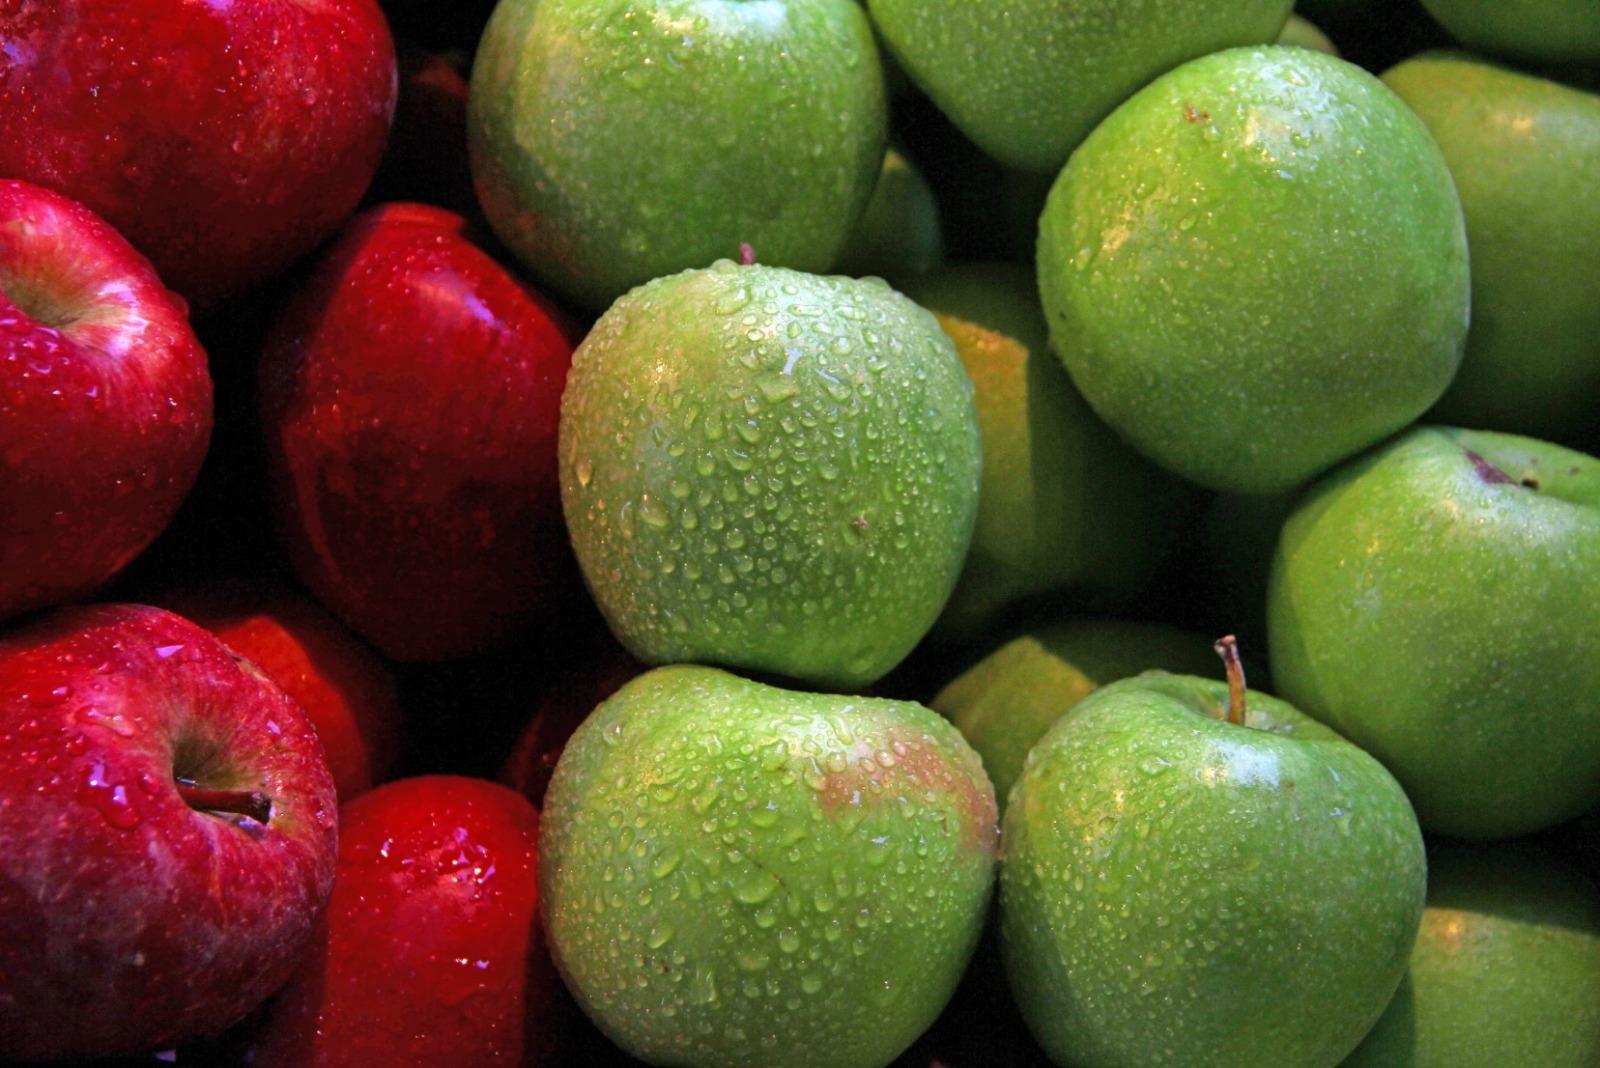 تفاح اماسيا - ميسكت